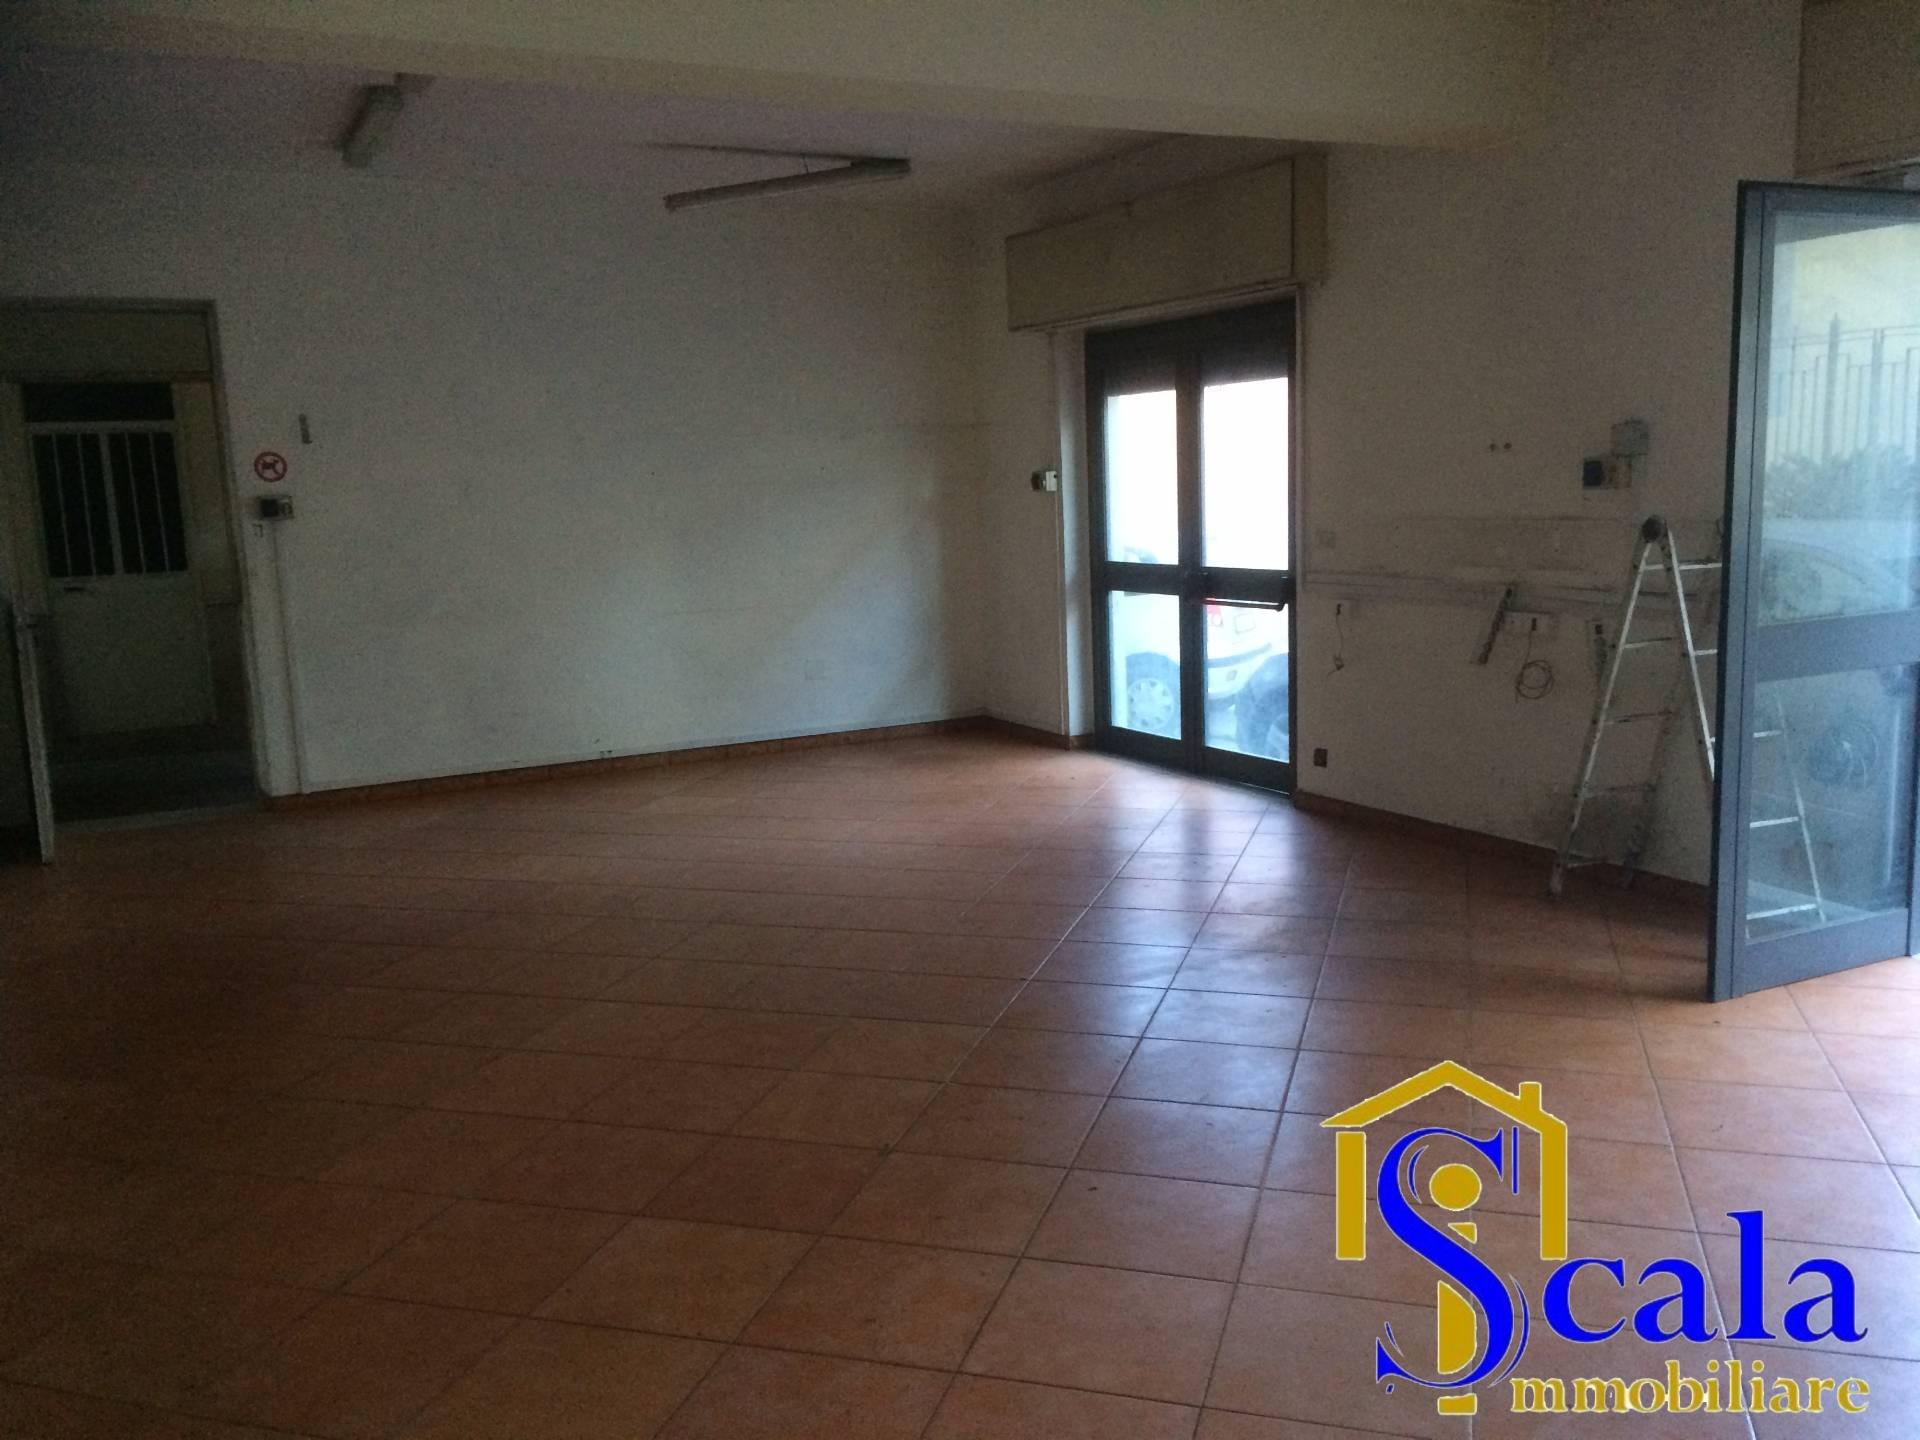 Negozio / Locale in affitto a Santa Maria Capua Vetere, 9999 locali, prezzo € 900 | Cambio Casa.it